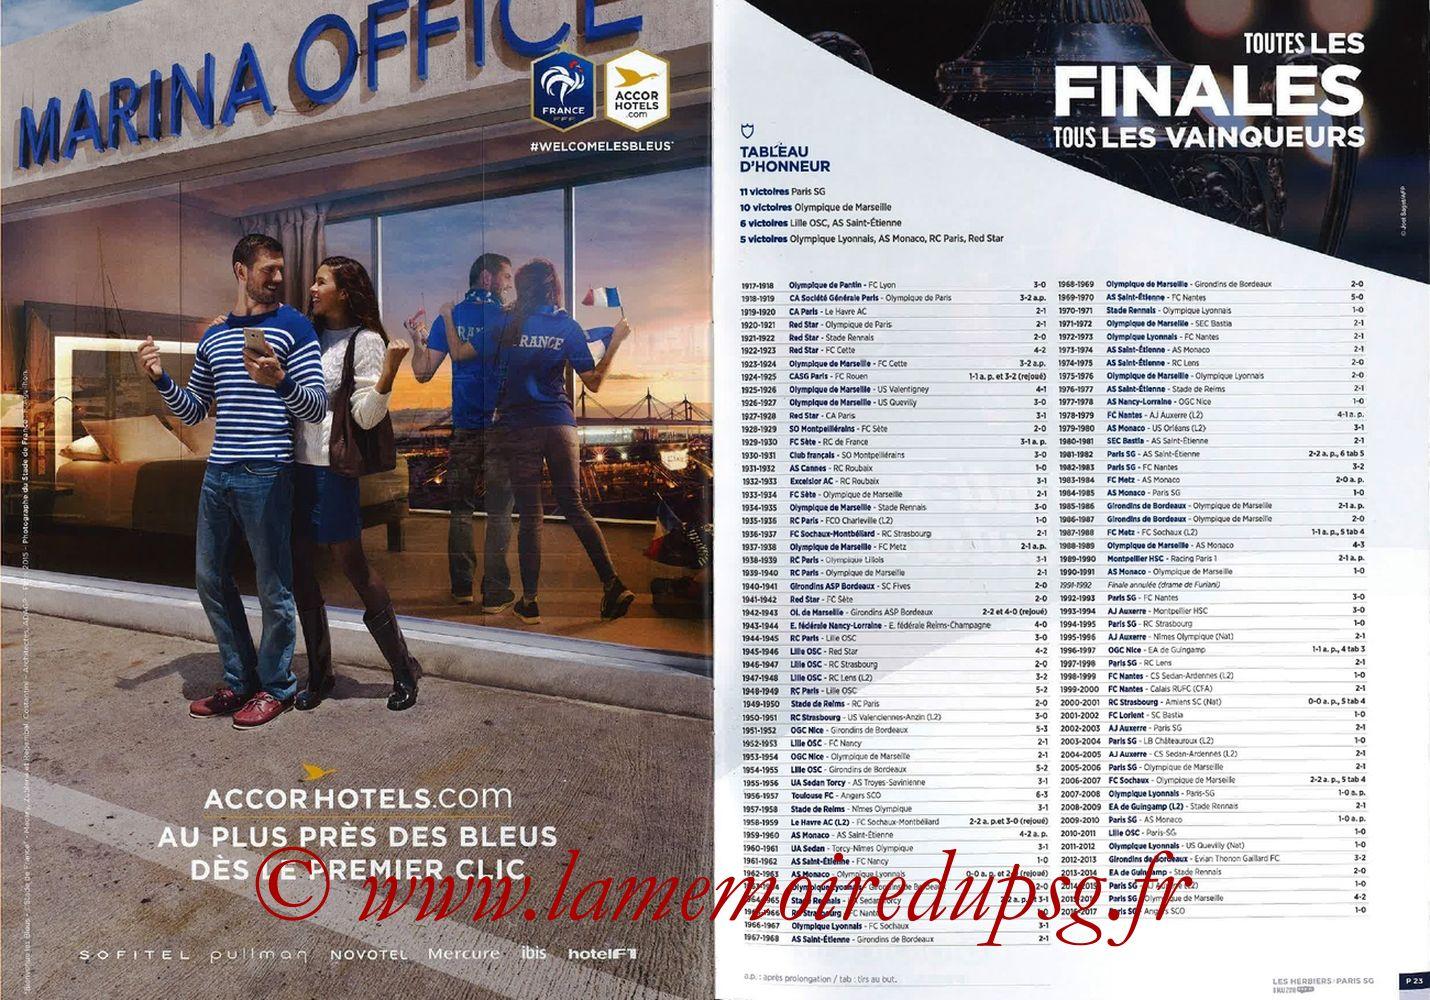 2018-05-08  Les Herbiers-PSG (Finale CF à Saint-Denis, Programme officiel FFF) - Pages 22 et 23